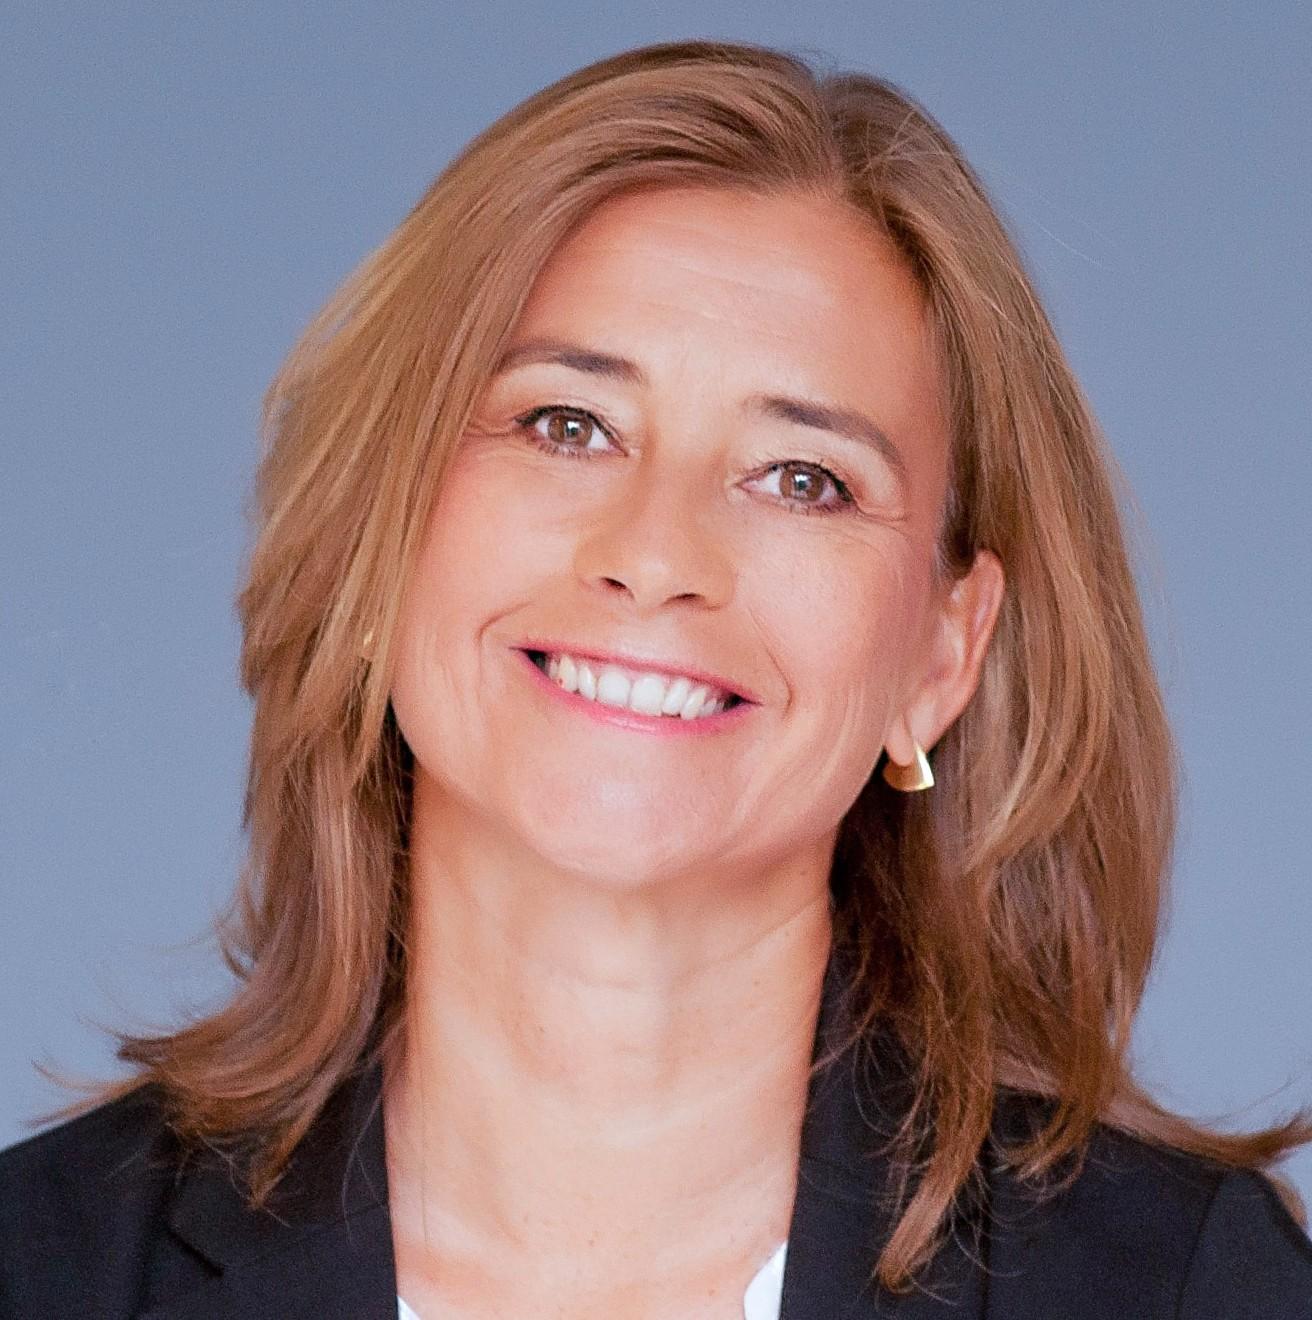 Bárbara Ferrer - Capitalismo Consciente